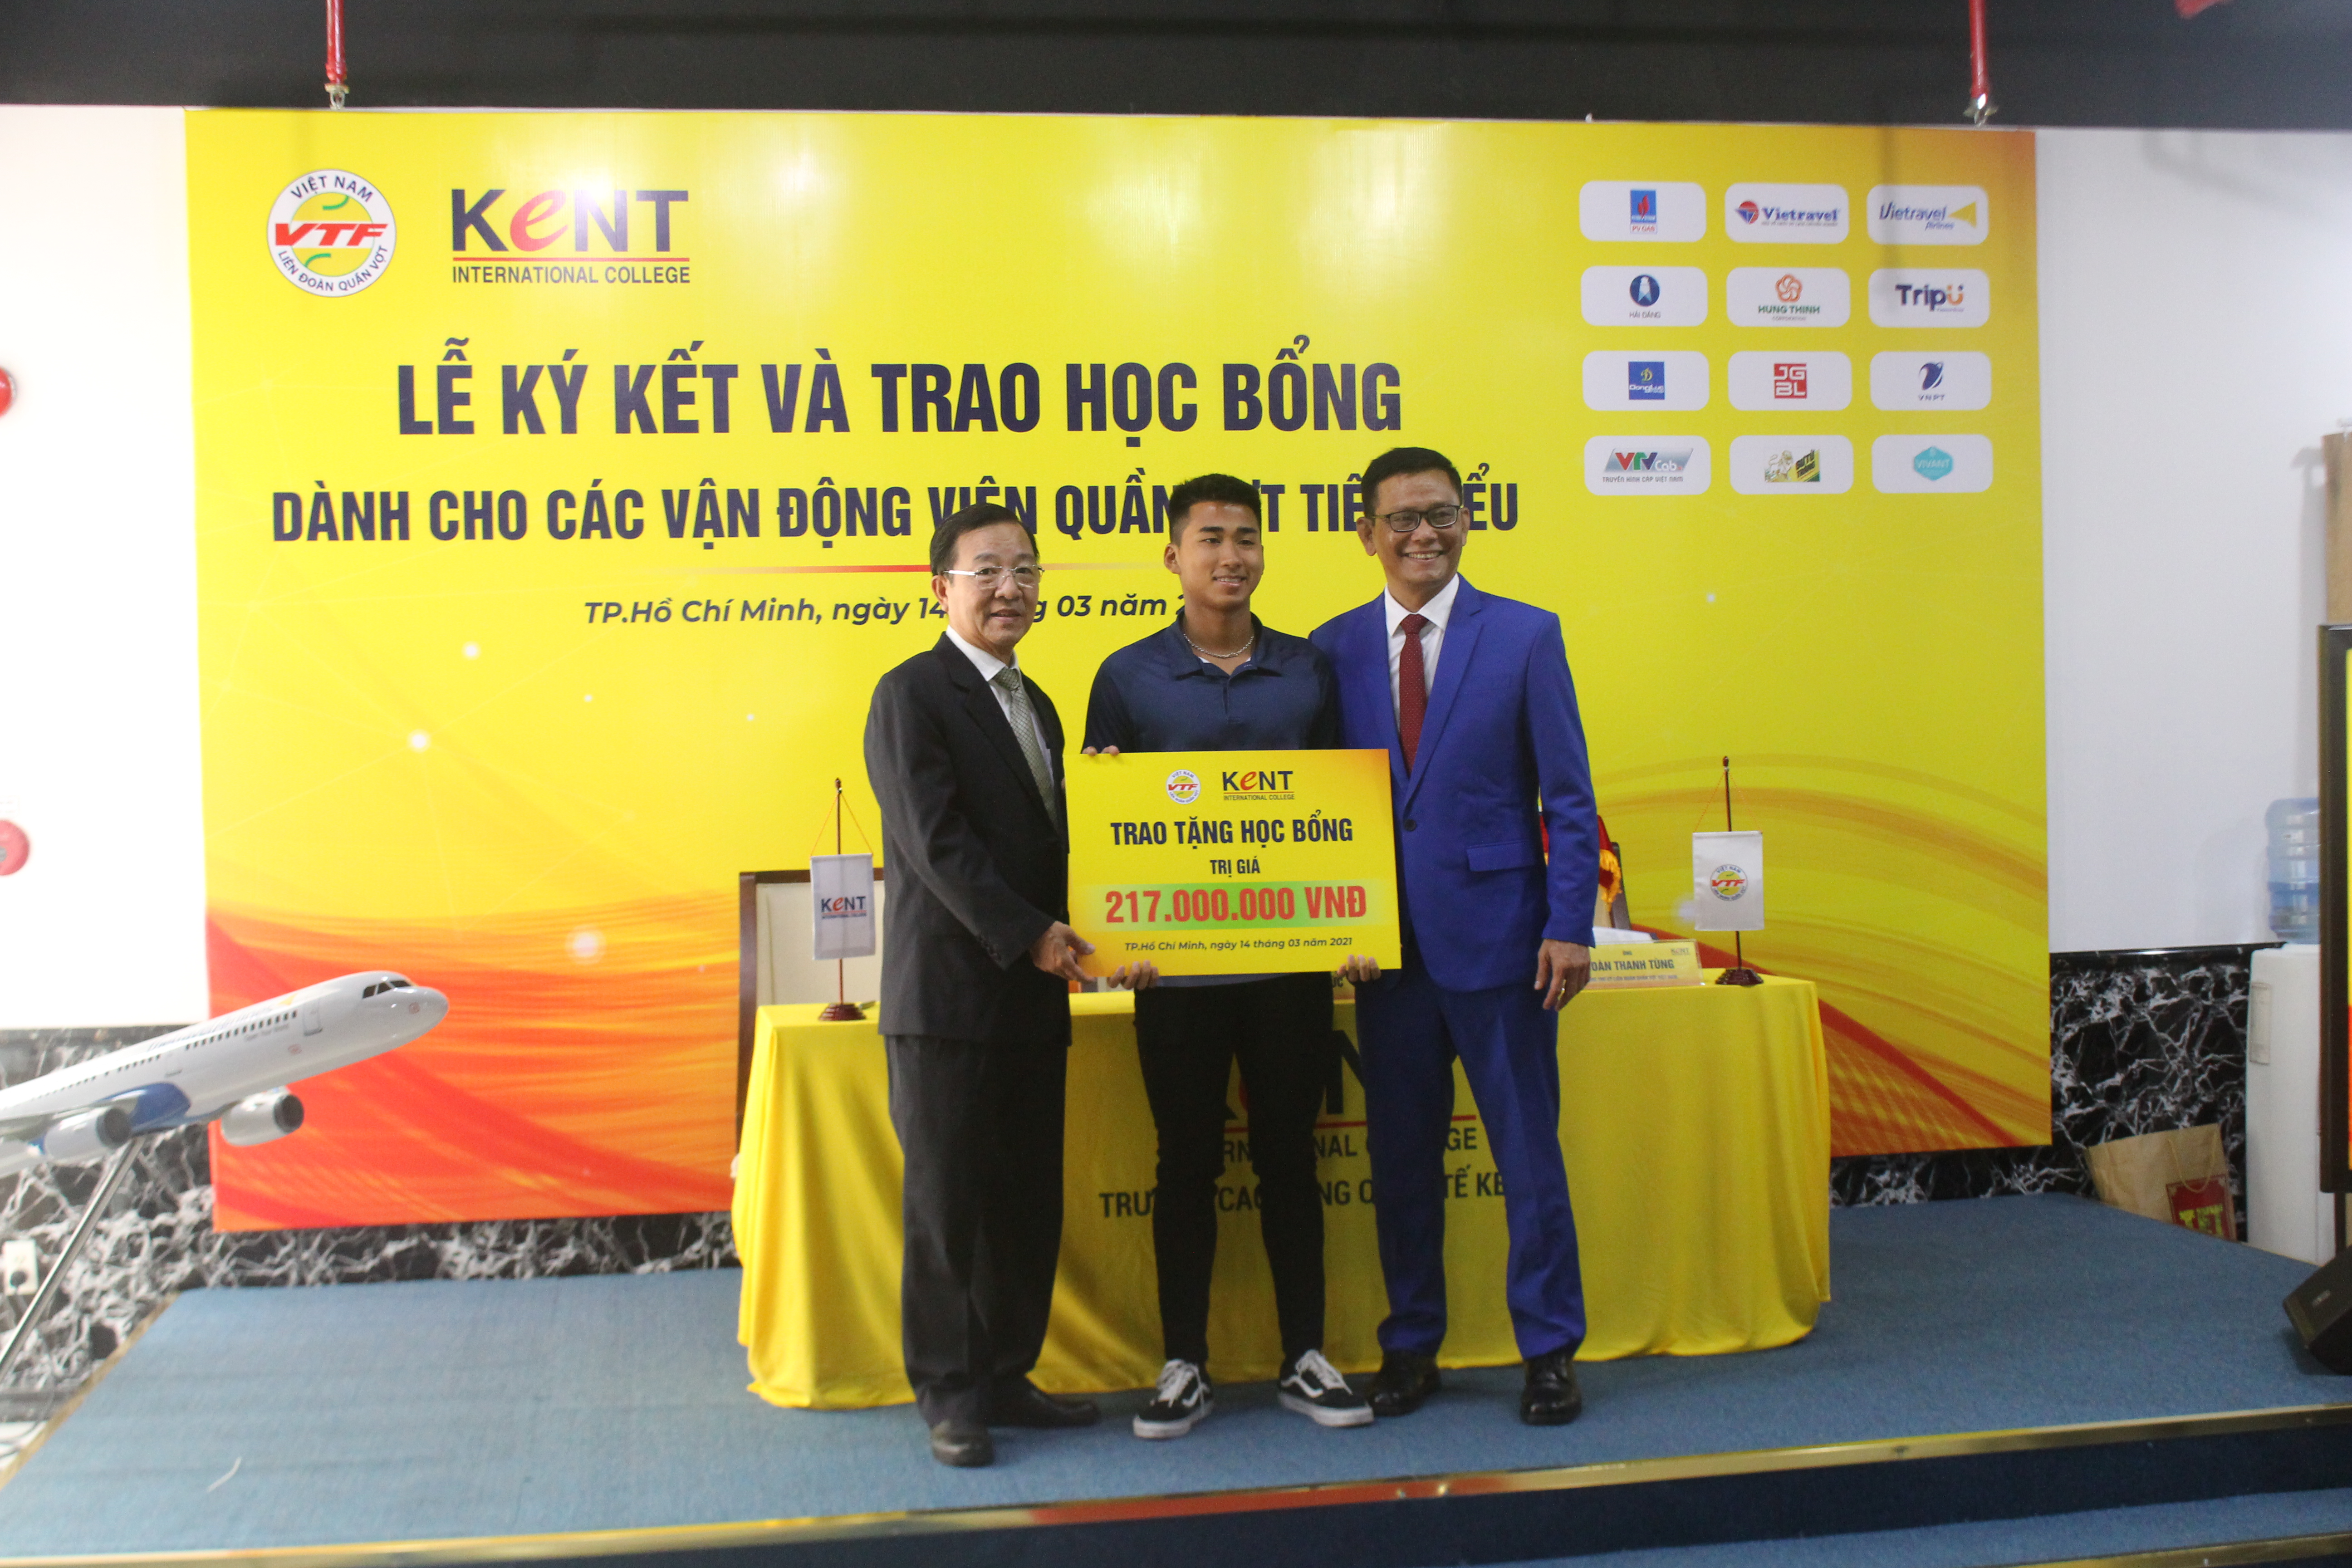 Hình ảnh: Lý Hoàng Nam cùng 3 VĐV quần vợt nhận học bổng của trường Cao đẳng Quốc tế Kent số 3